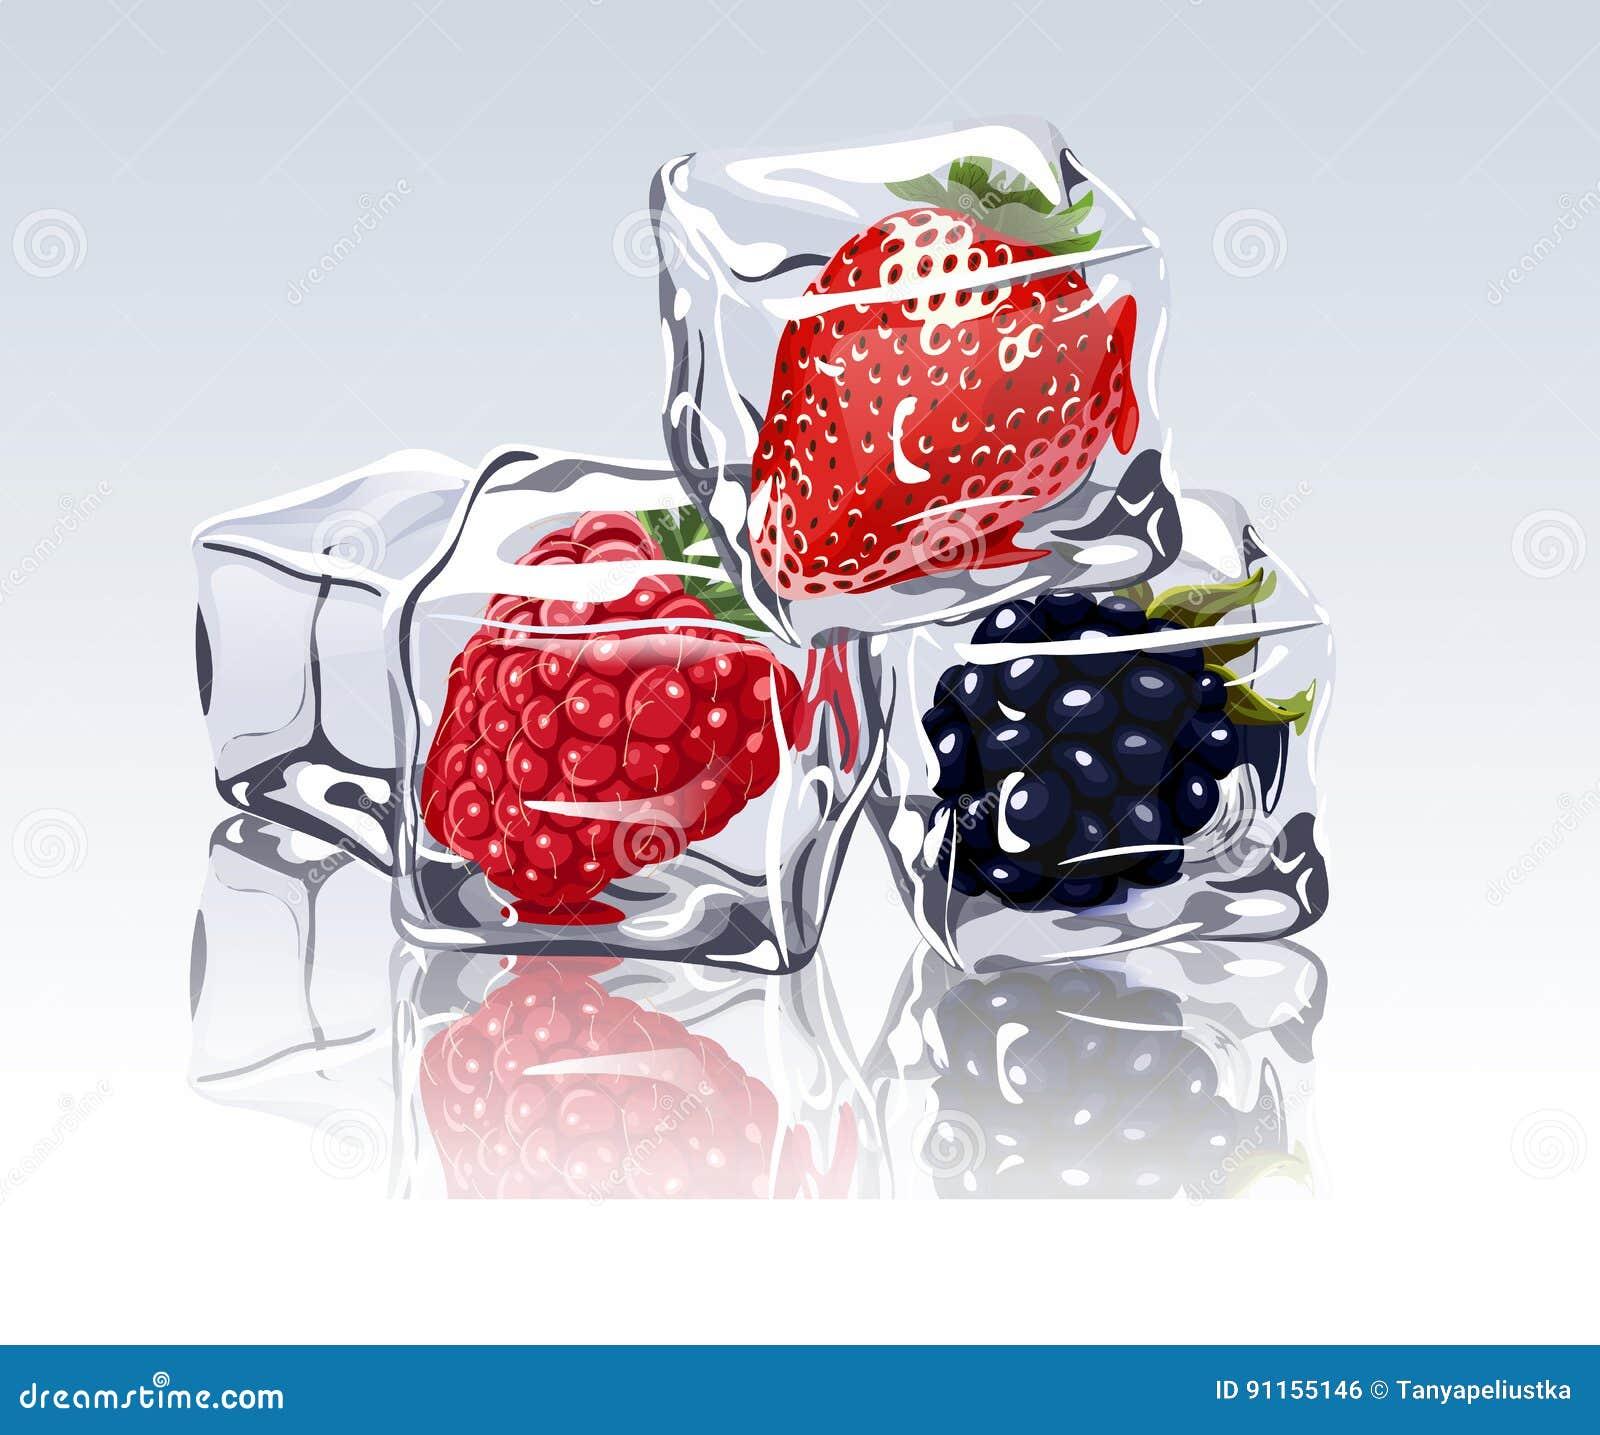 Frozen Berries In Ice Cube